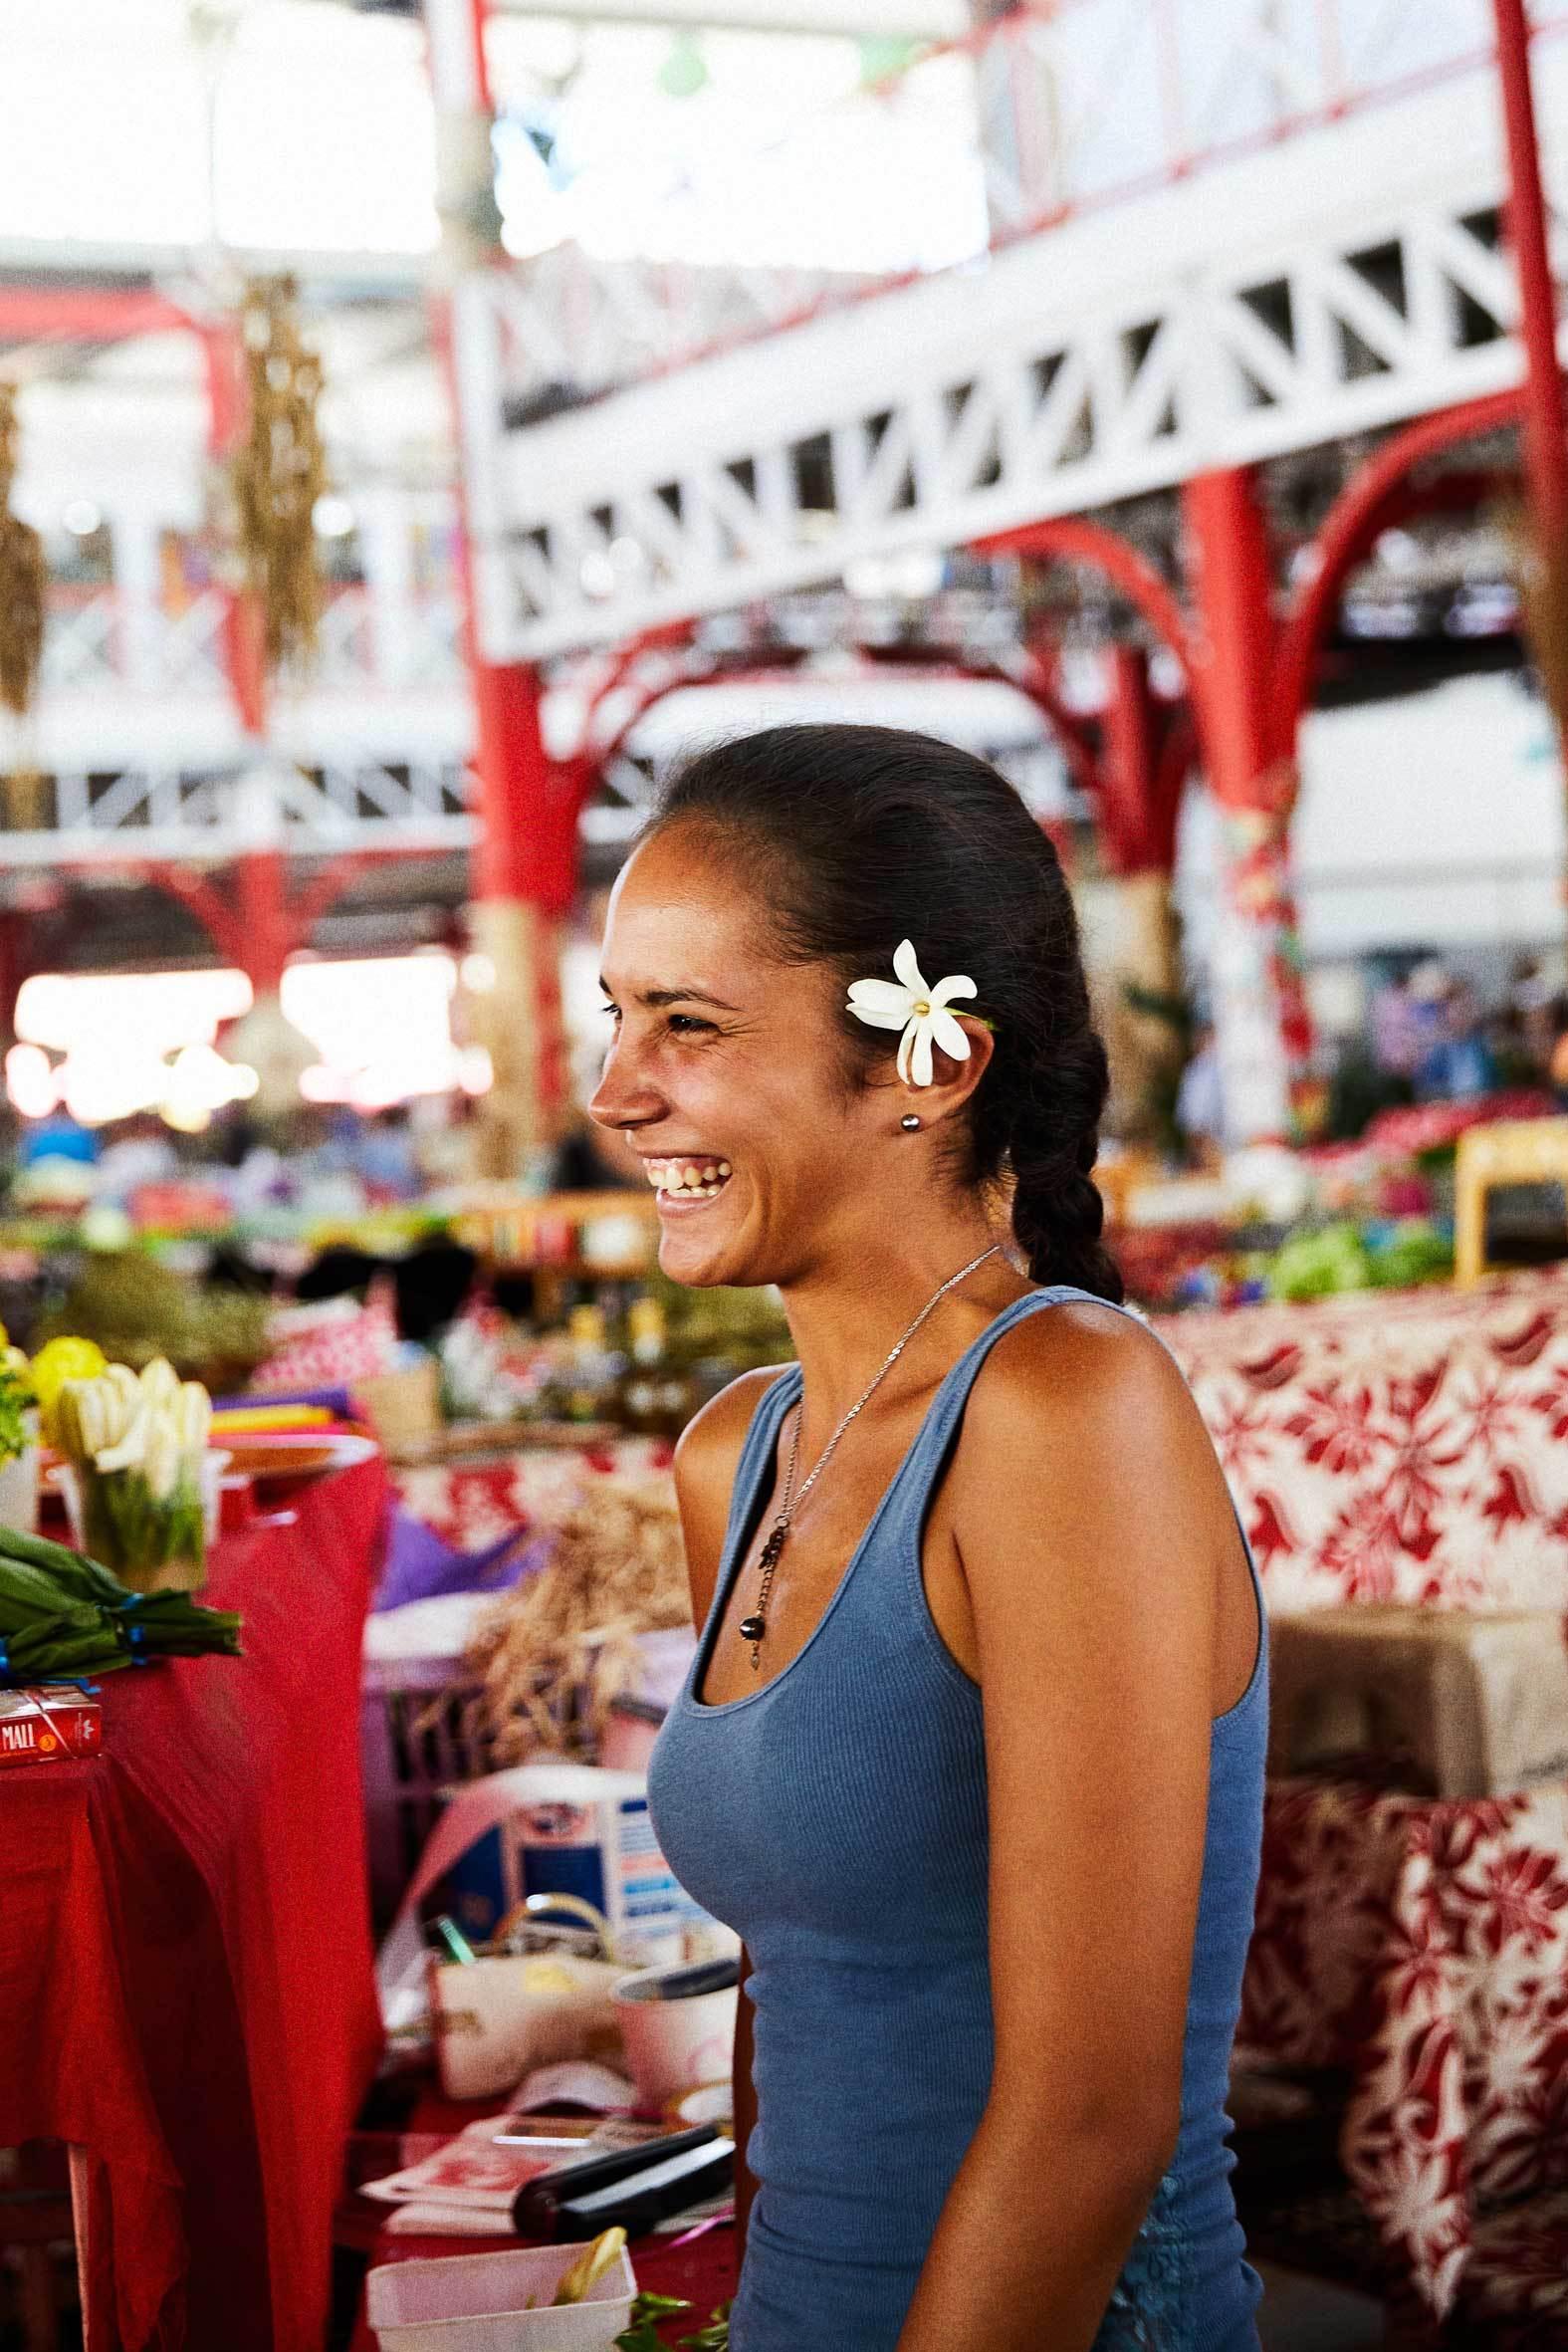 El mercado de Papeete está lleno de vida e historias.